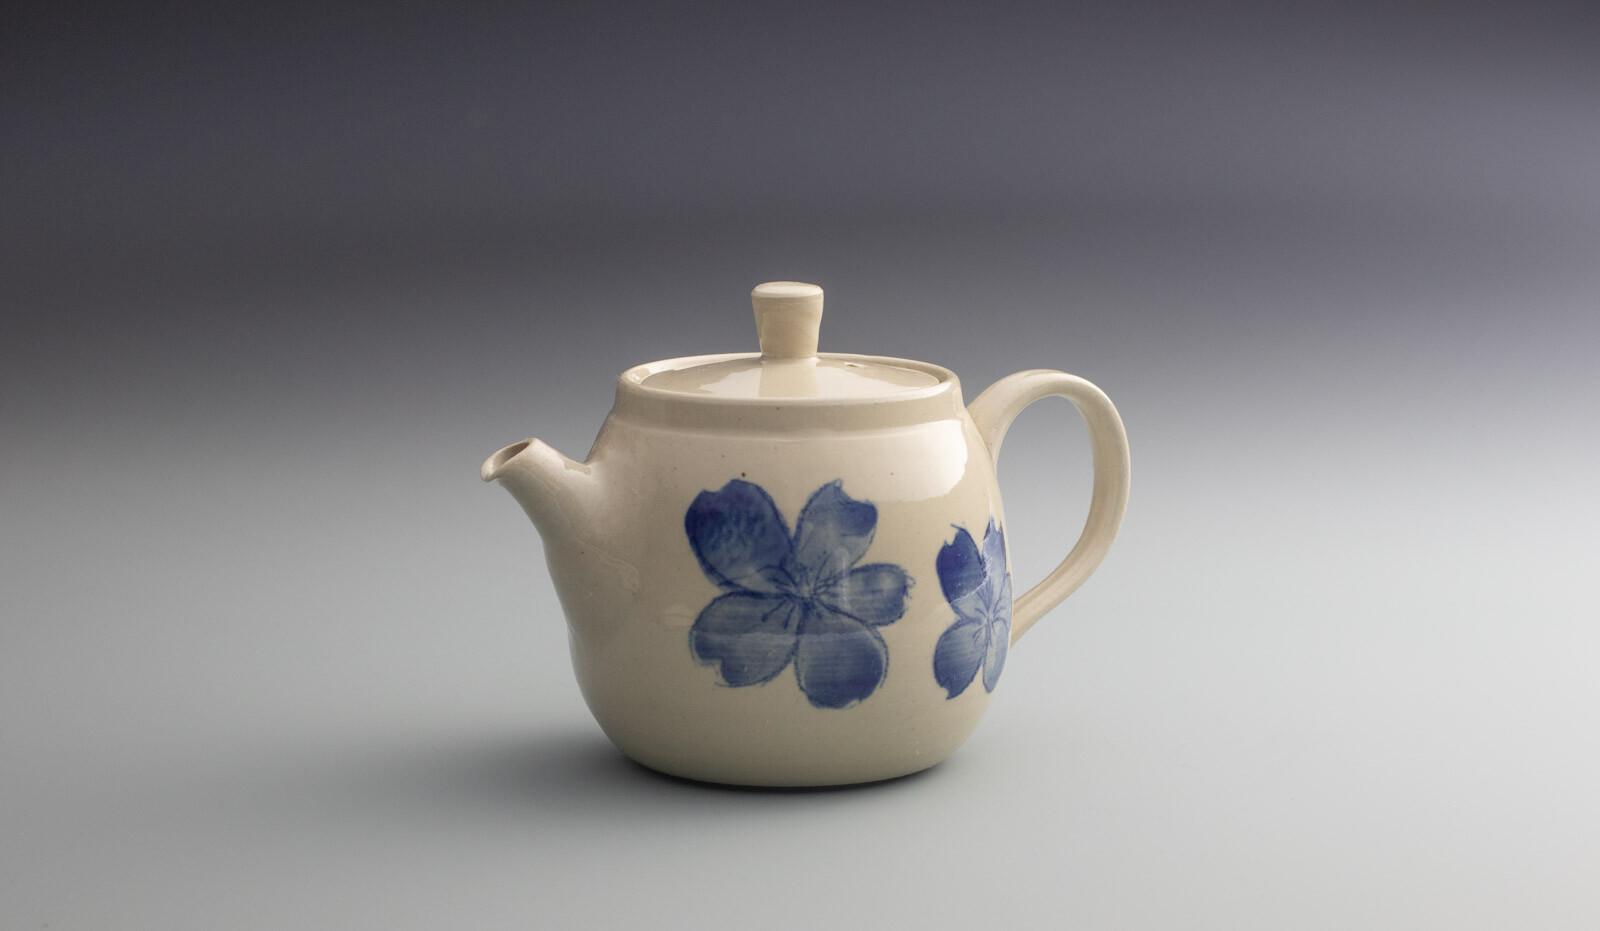 360ml stoneware teapot